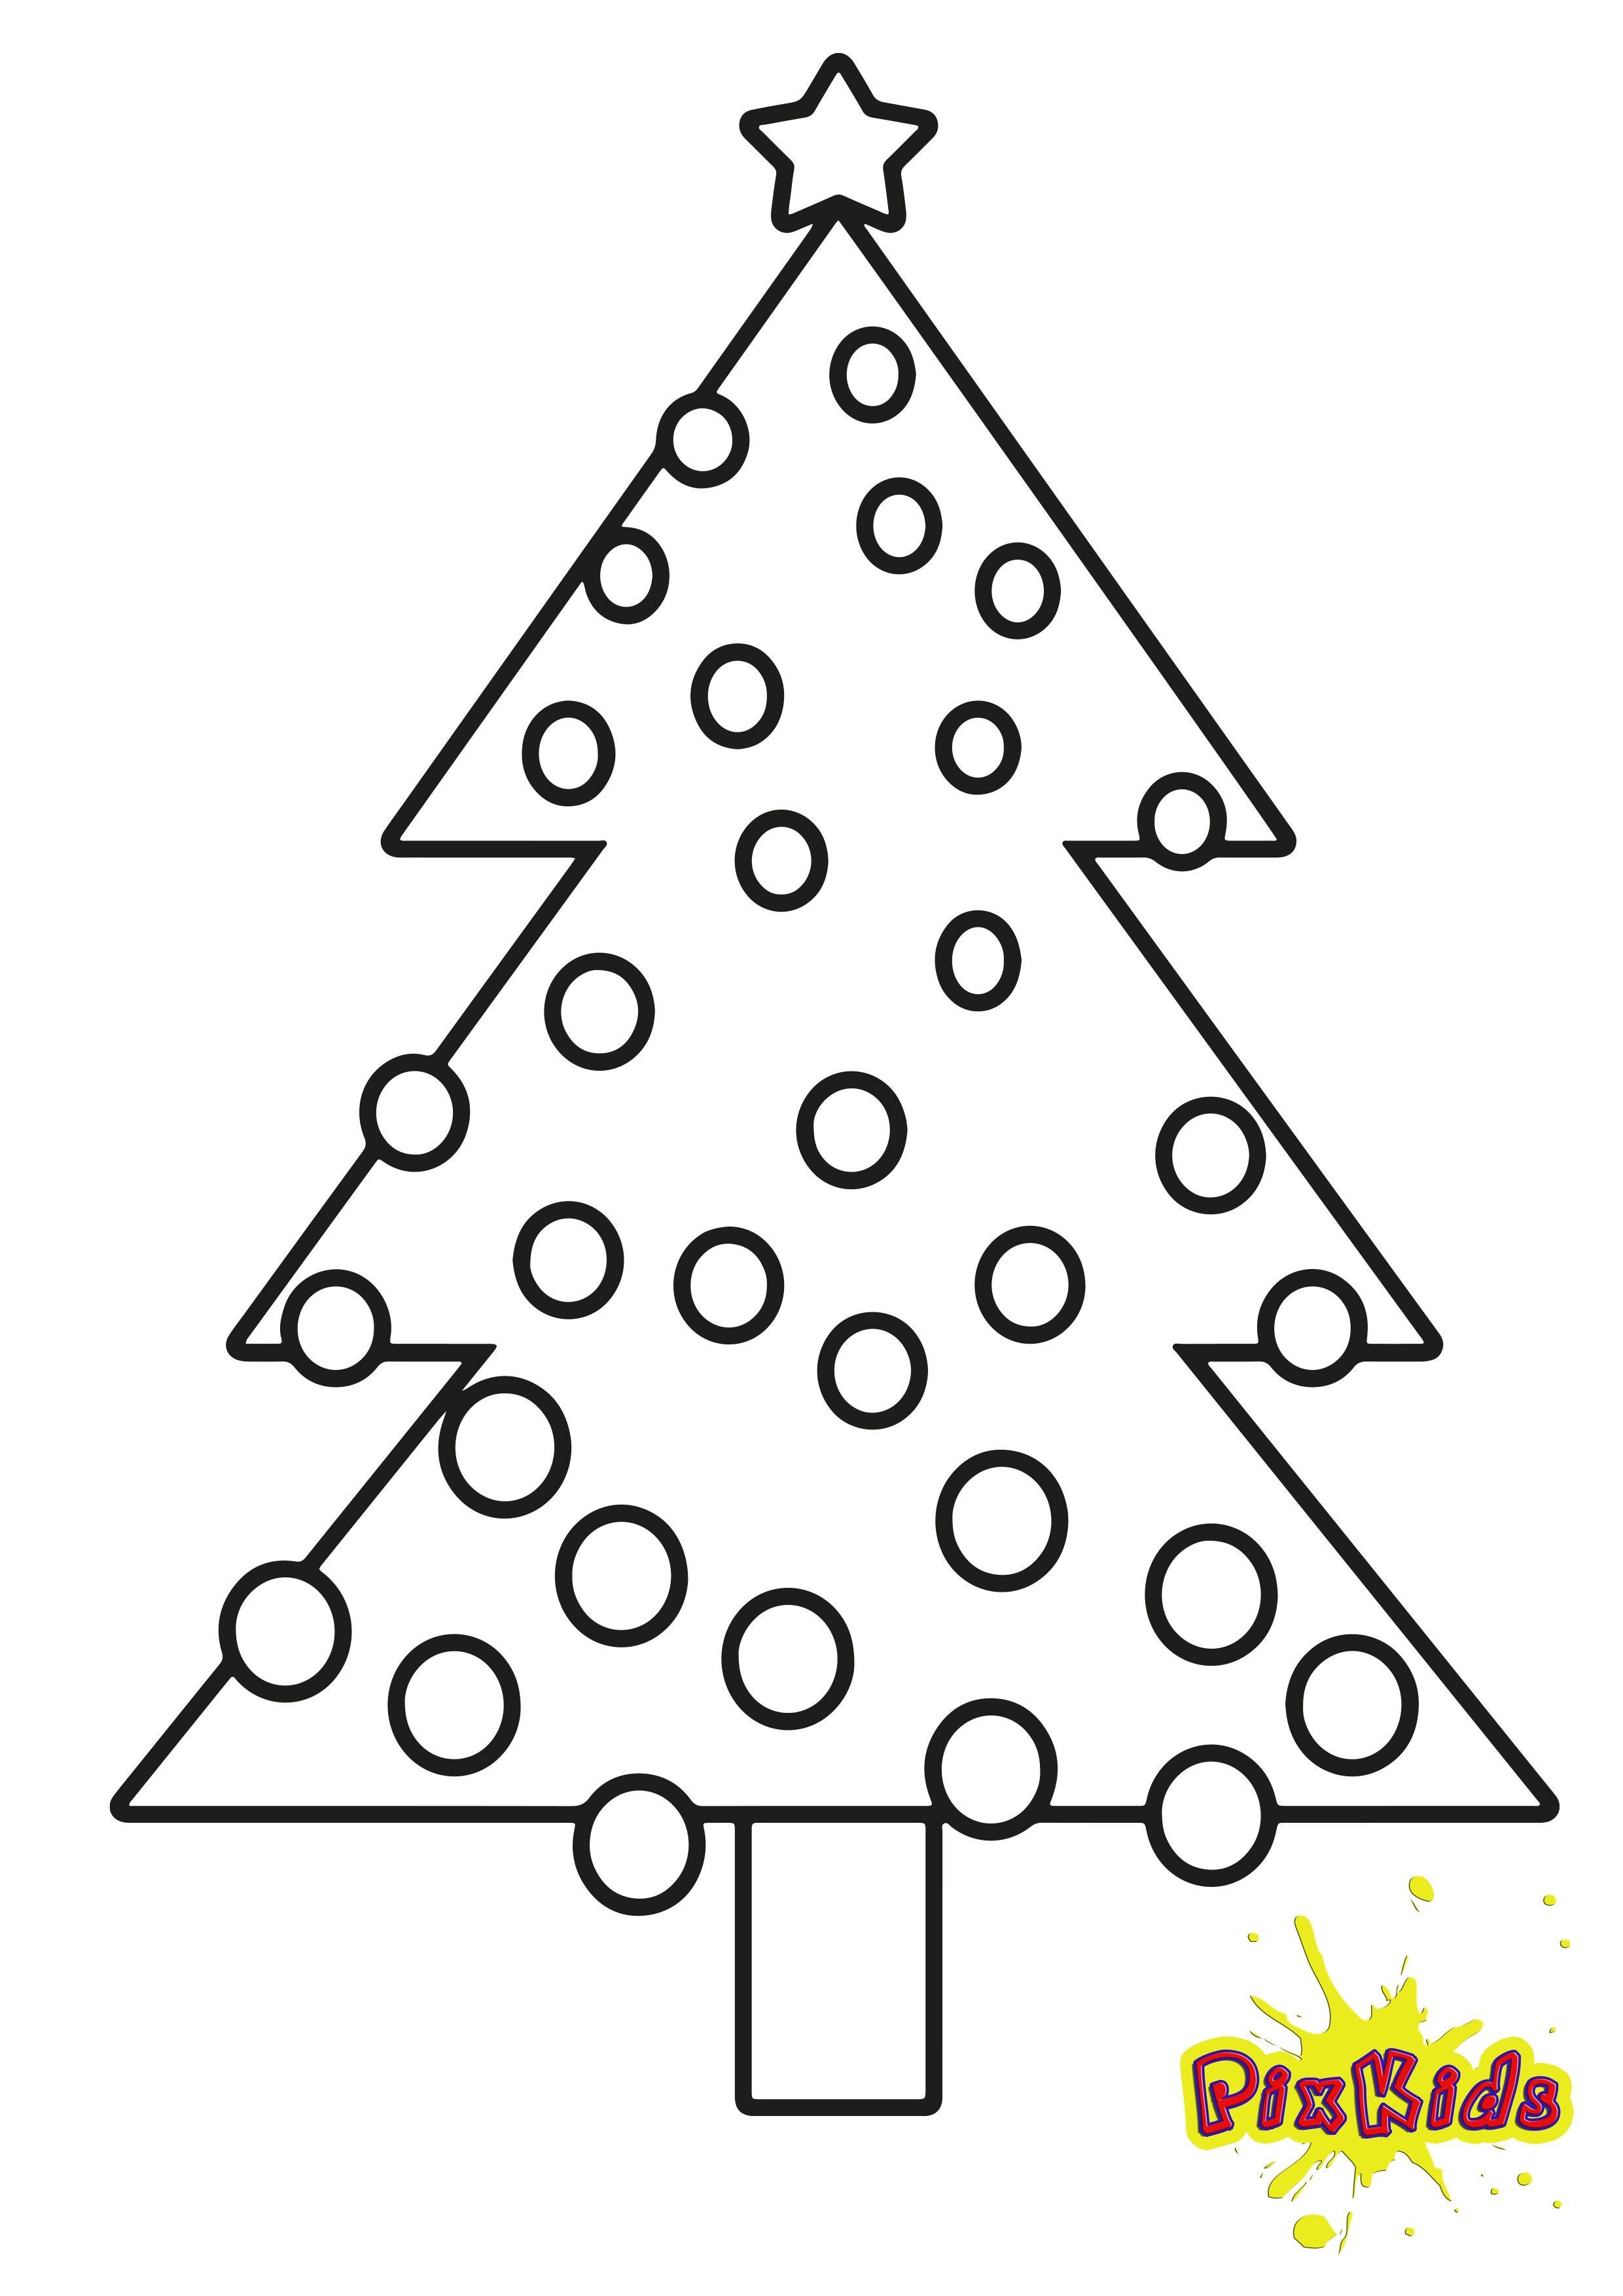 Malvorlage Weihnachtsbaum als Ausmalbild kostenlos | Vorlagen ...